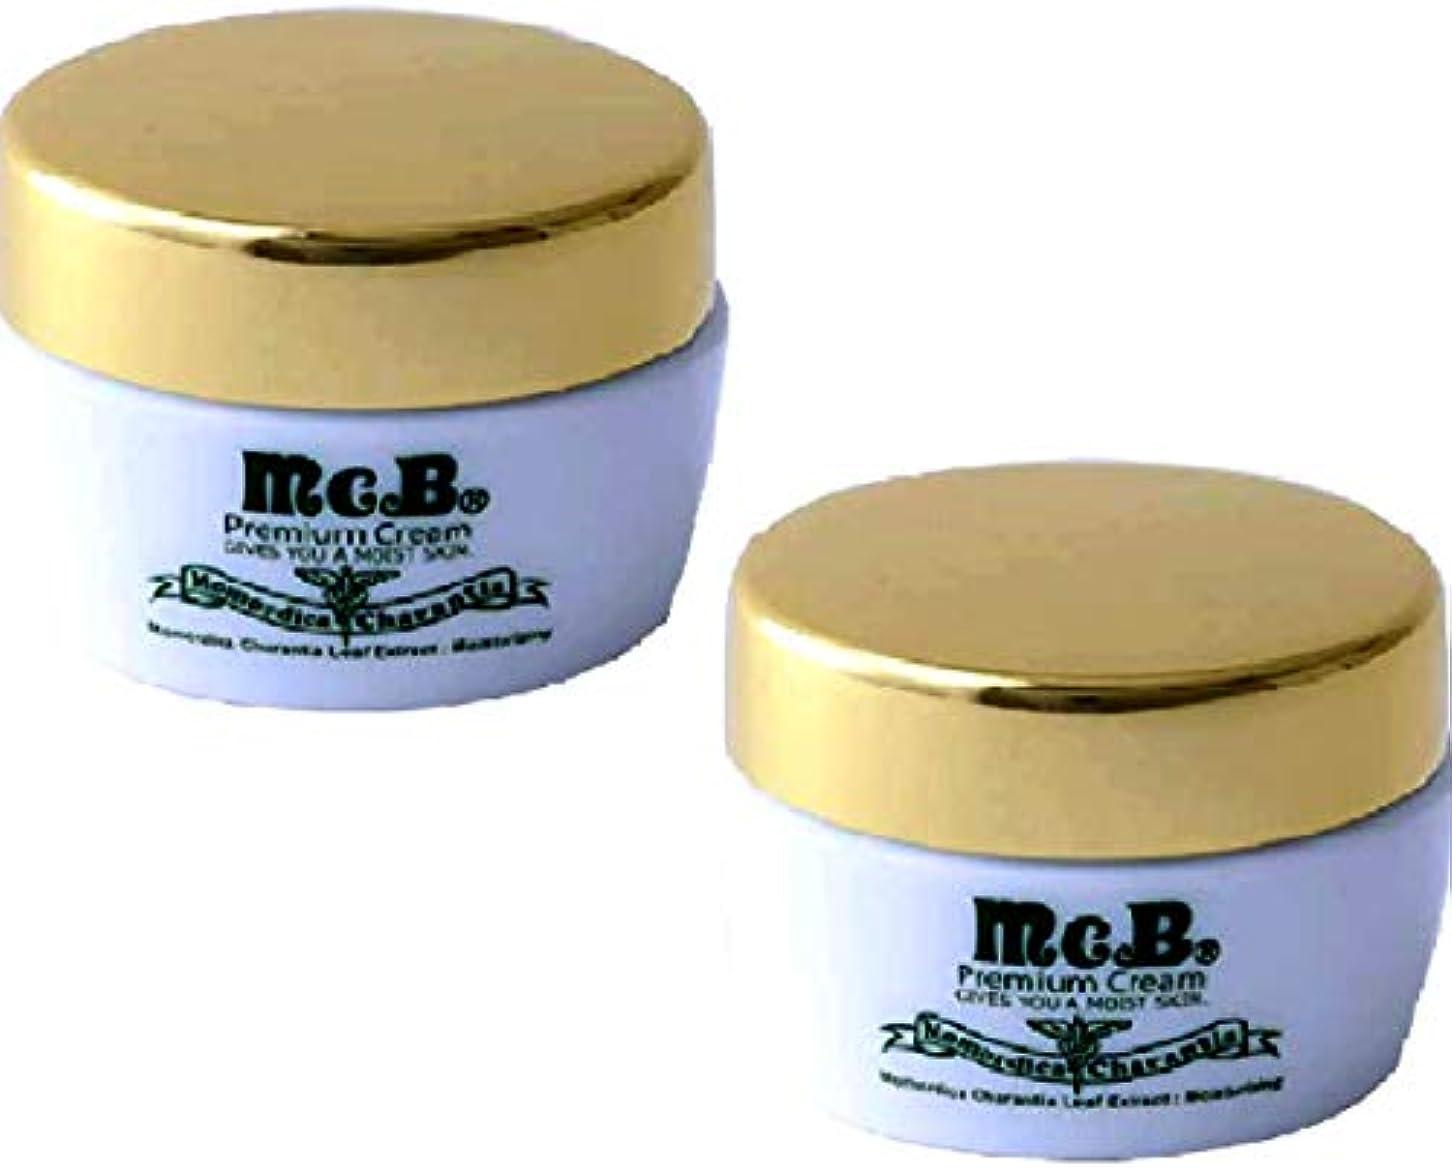 コンセンサスシンジケート徹底McB マックビー プレミアム クリーム Premium Cream 2個 セット 正規代理店